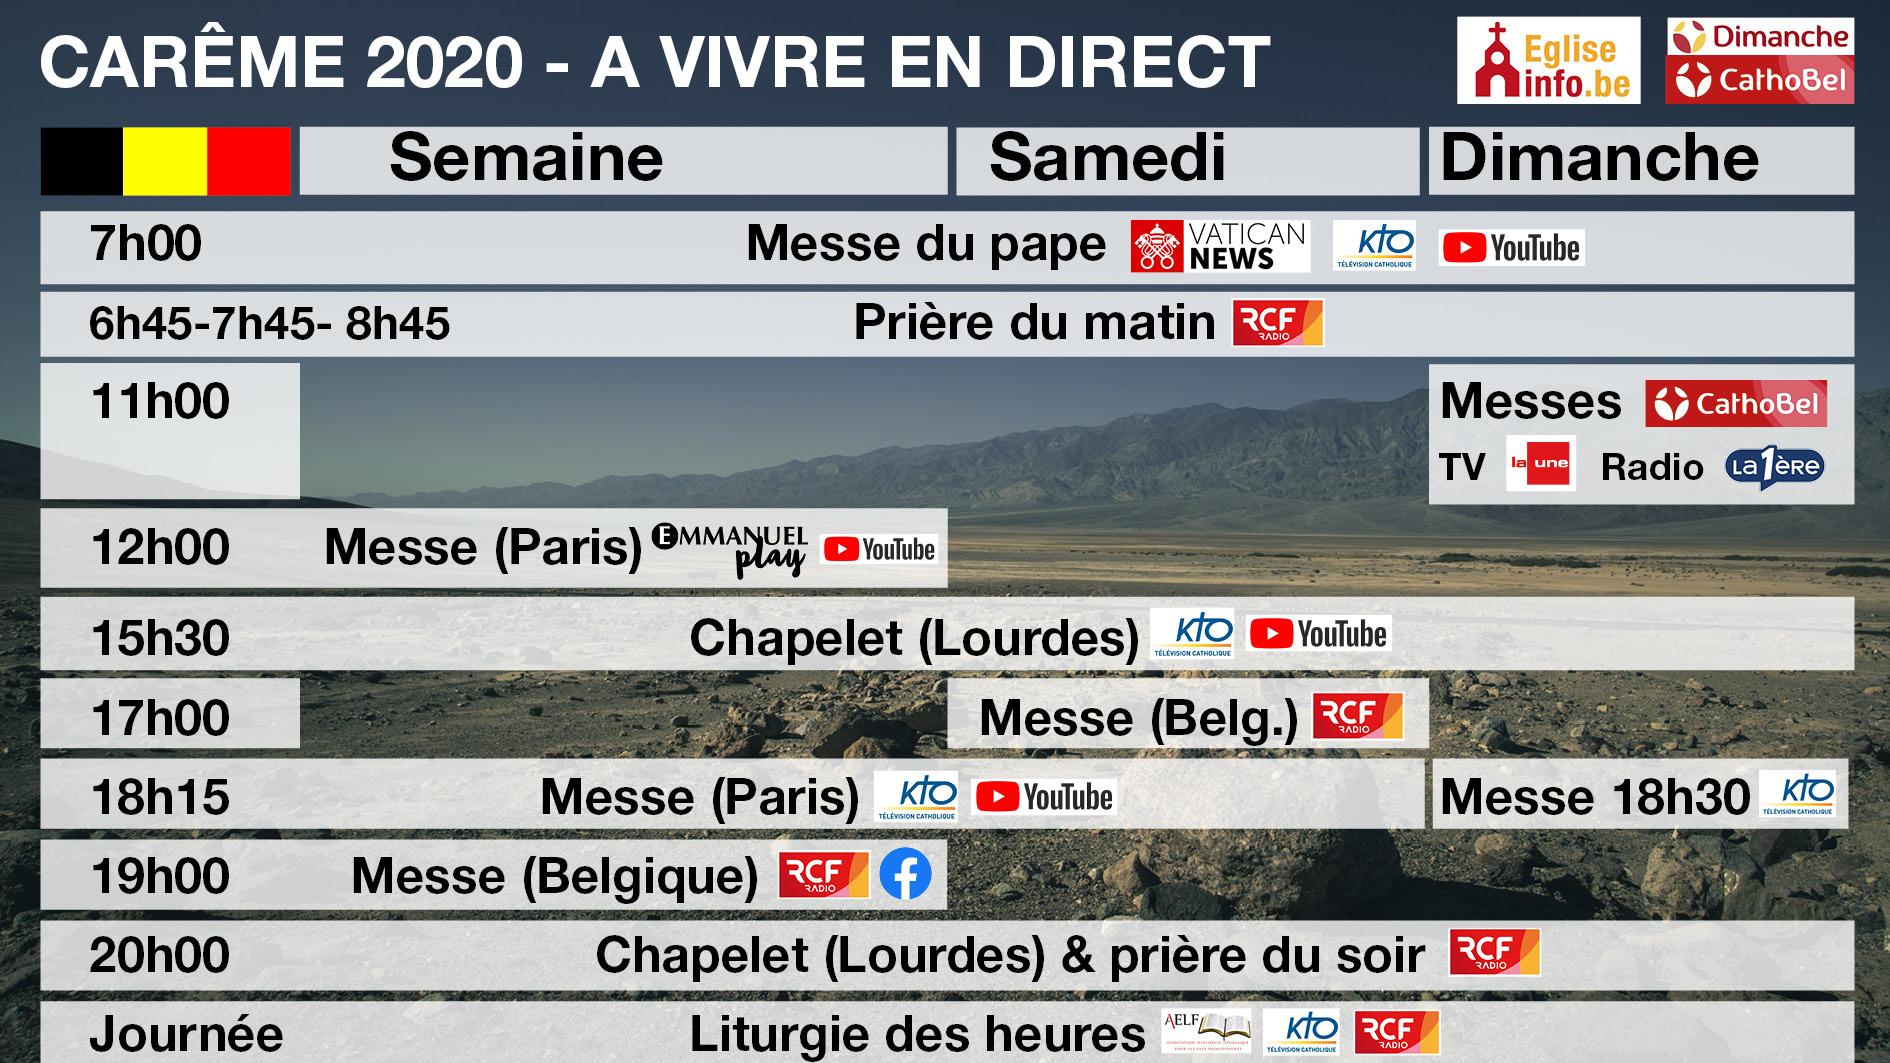 Careme 2020